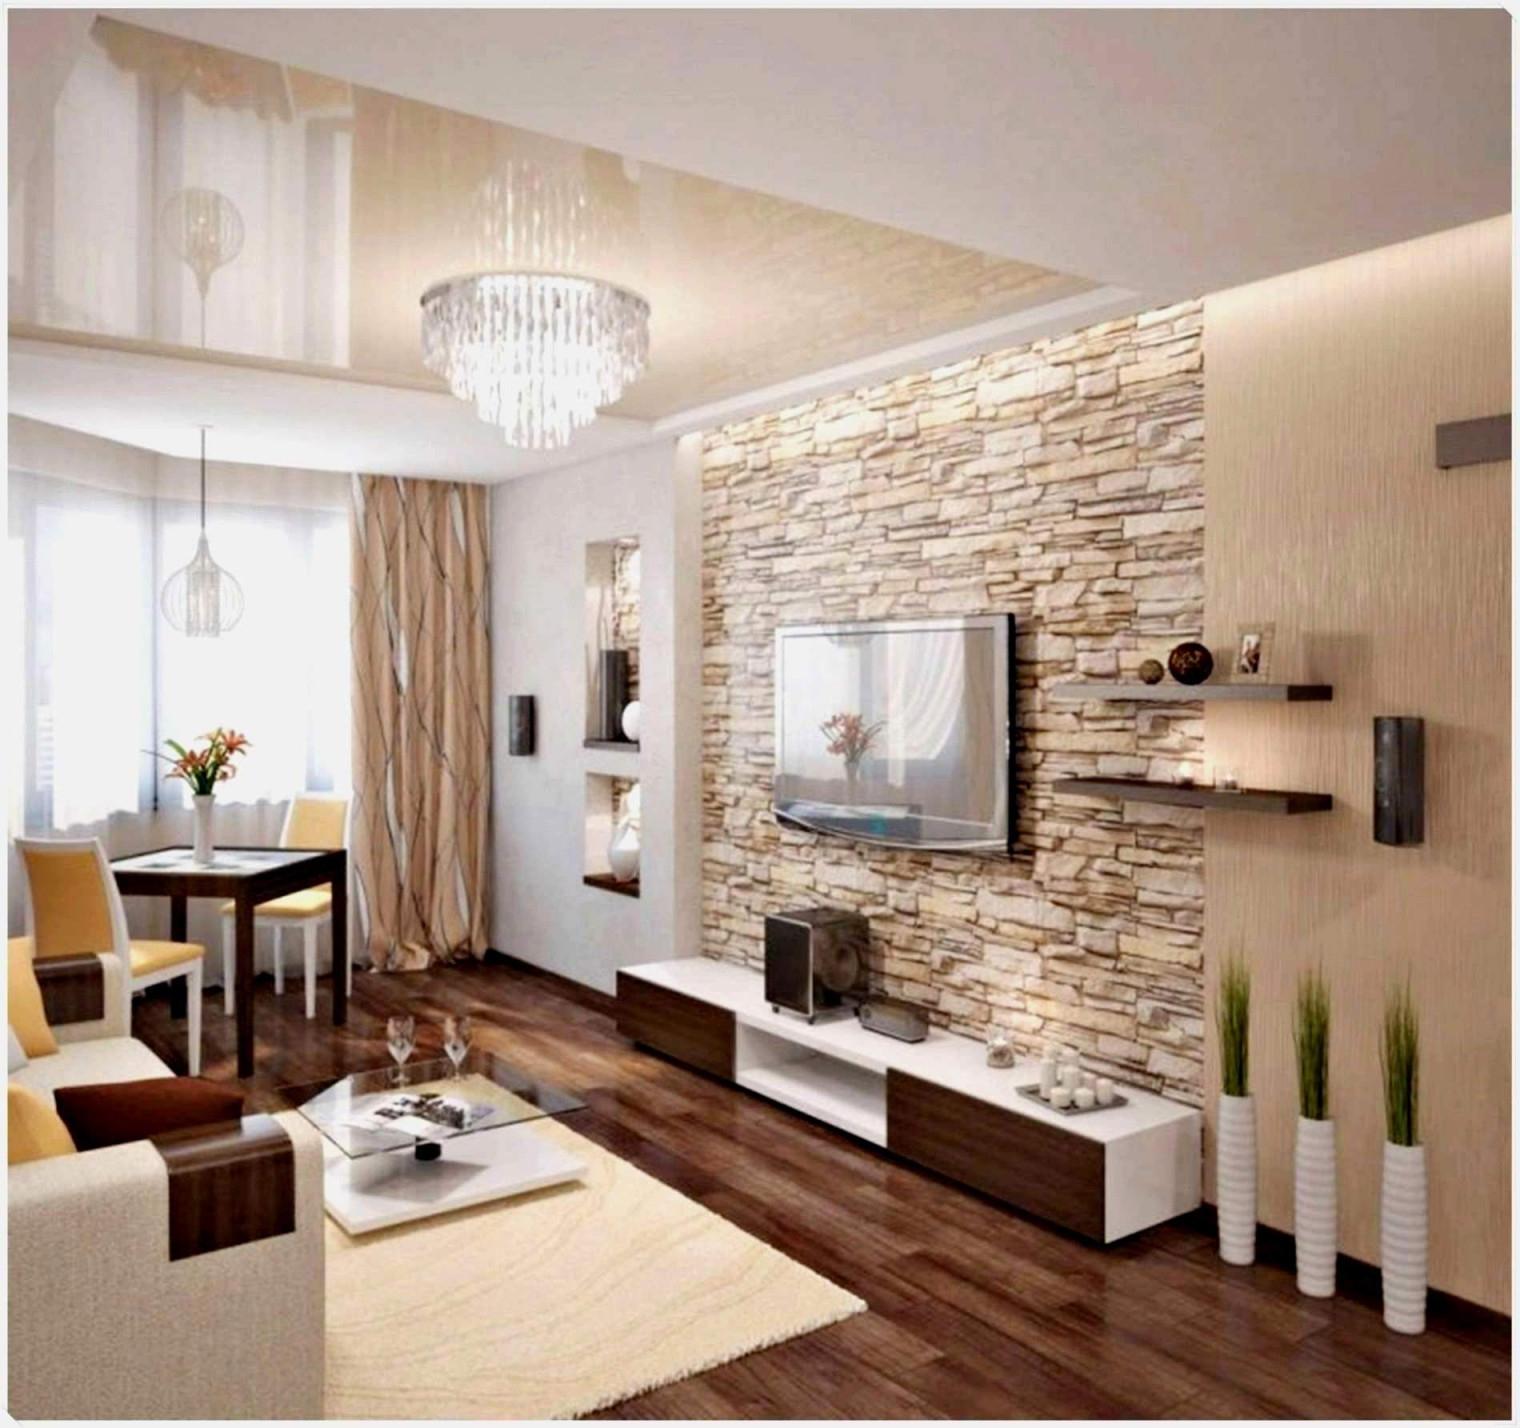 34 Luxus Deckenlampe Wohnzimmer Led Elegant  Wohnzimmer Frisch von Deckenlampe Für Wohnzimmer Photo